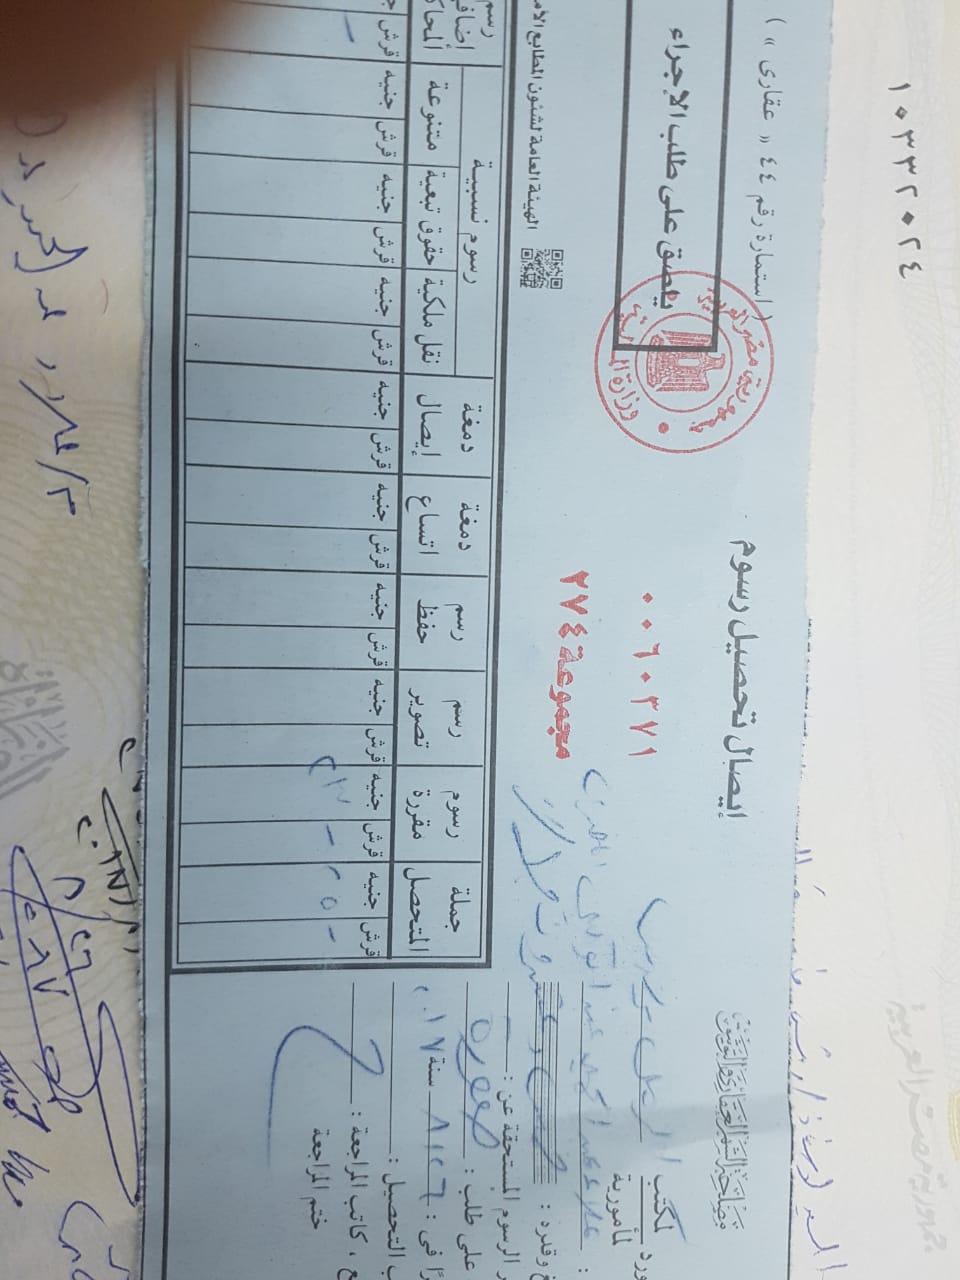 أزمة مشروع سيتي بالاس بالإسكندرية (35)